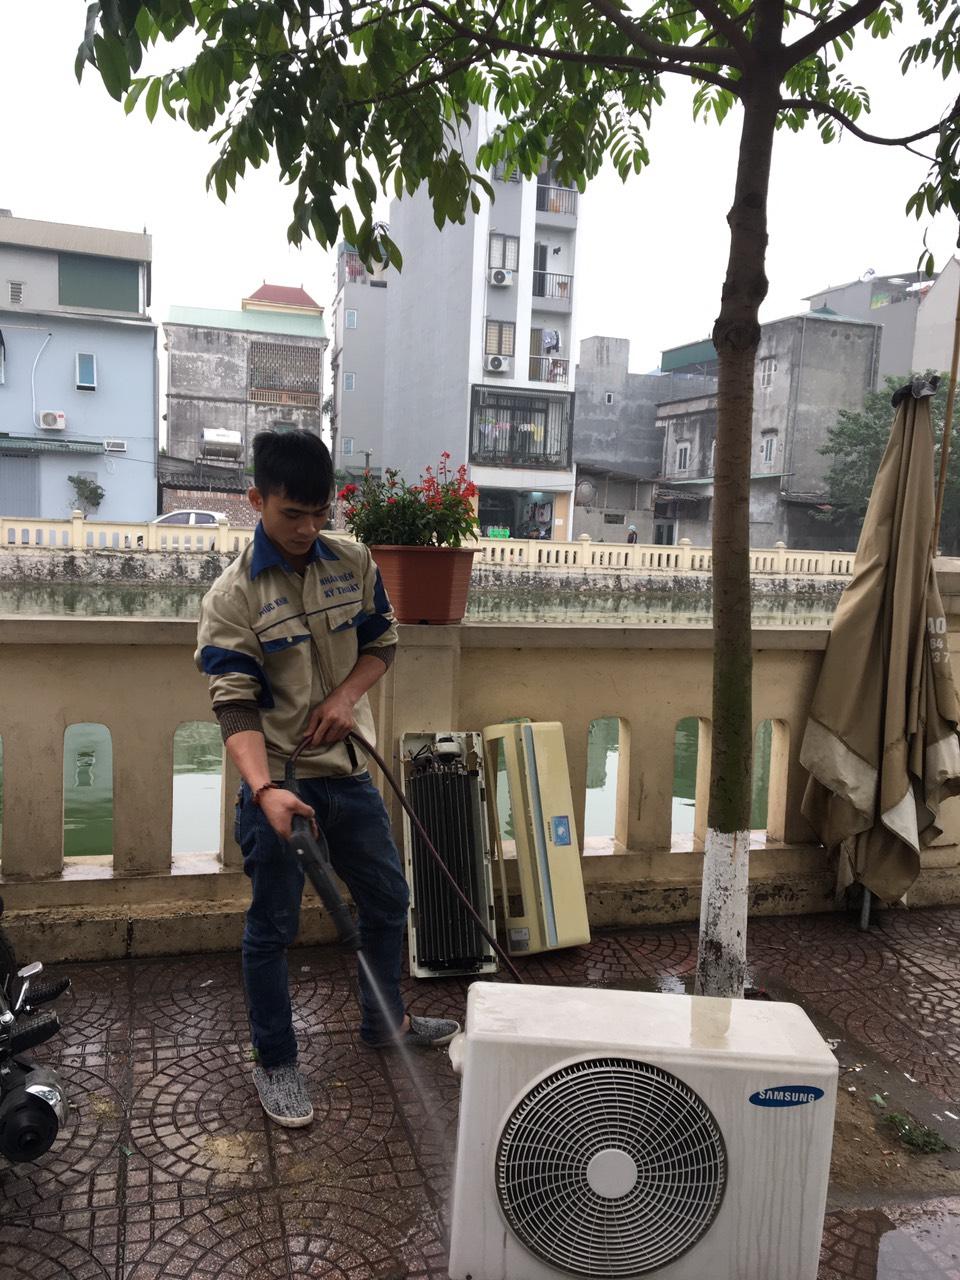 quy trình bảo dưỡng máy điều hòa không khí